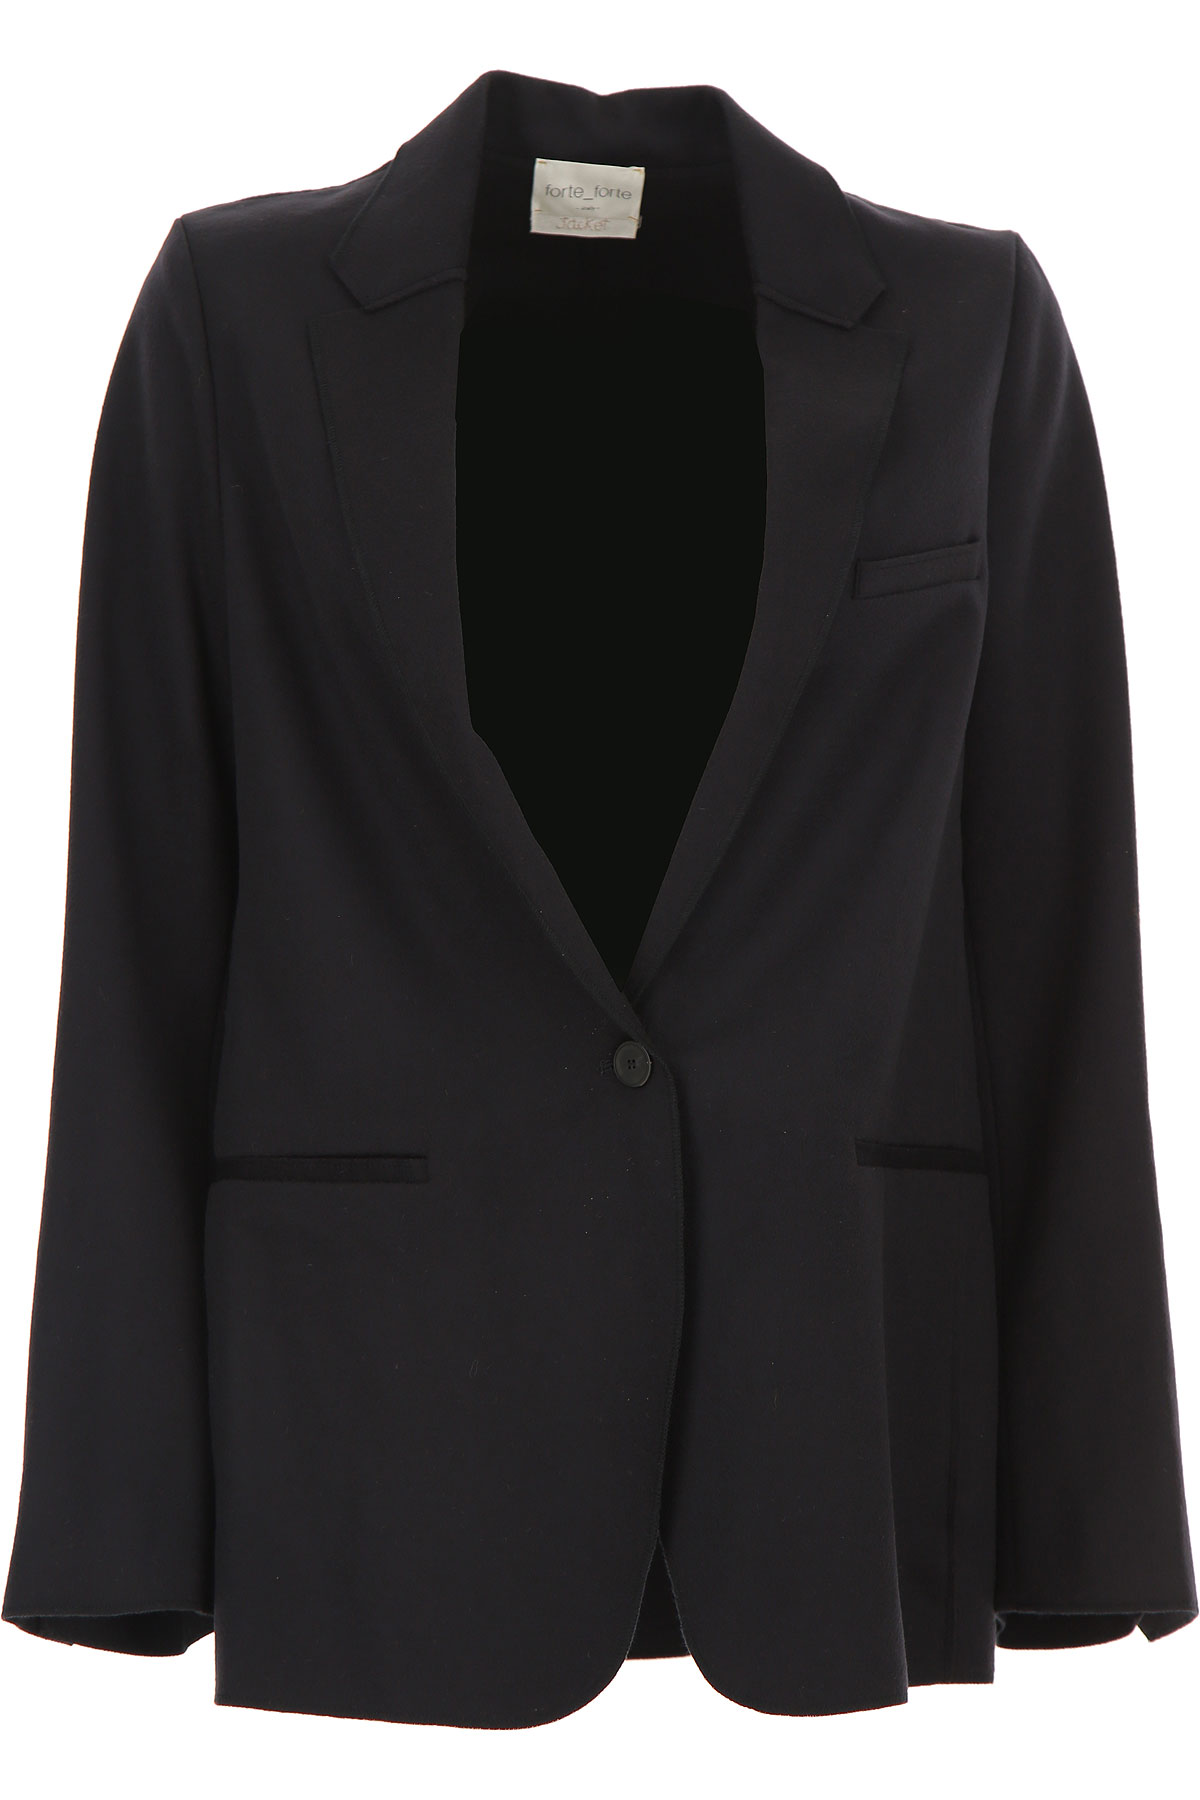 Forte Forte Blazer for Women On Sale, Dark Midnight Blue, Virgin wool, 2019, 2 - M - IT 42 3 - L - IT 44